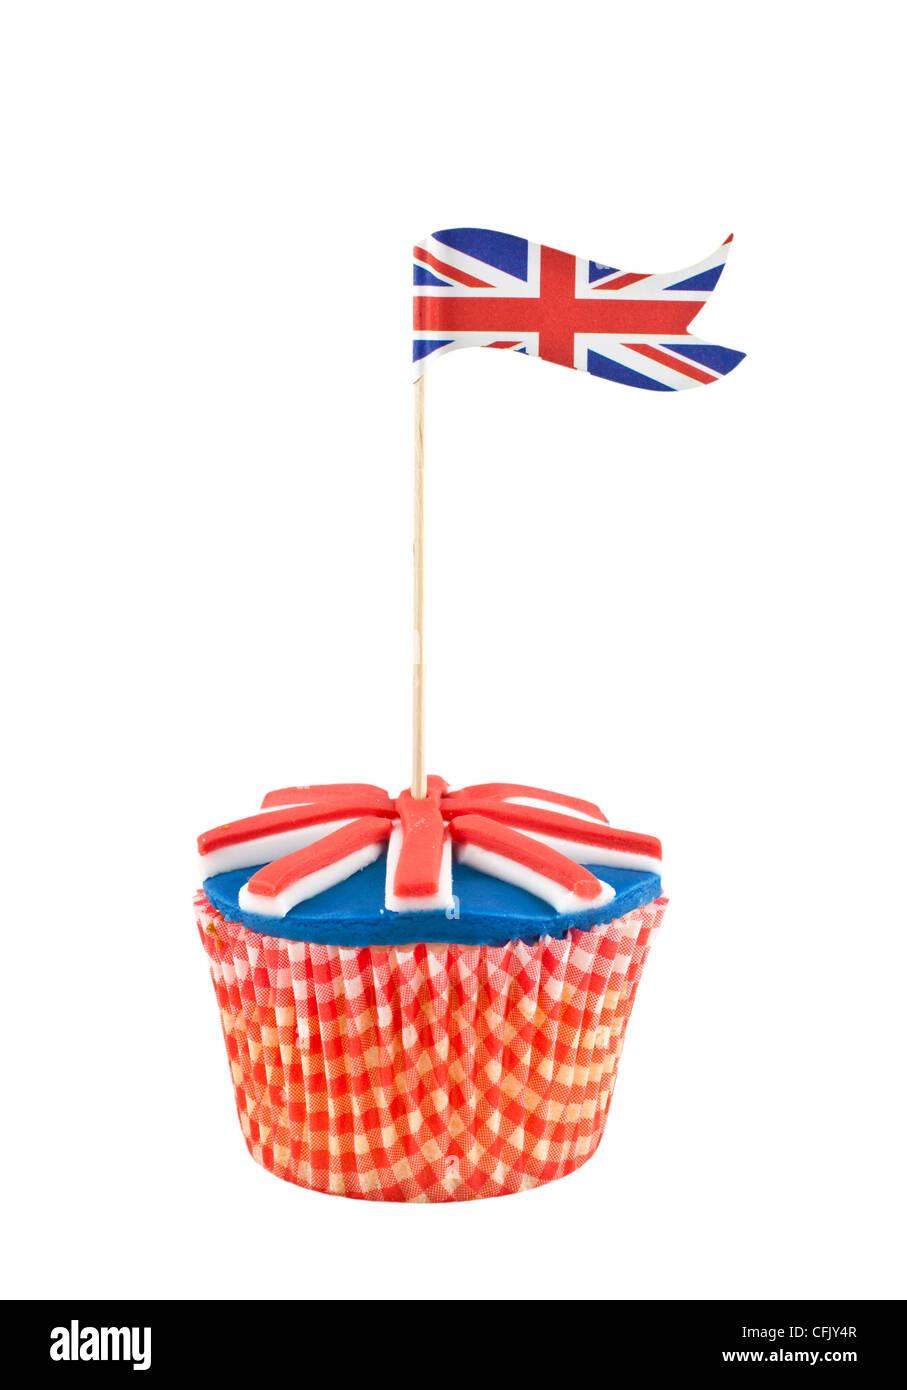 union jack flag cupcake - Stock Image